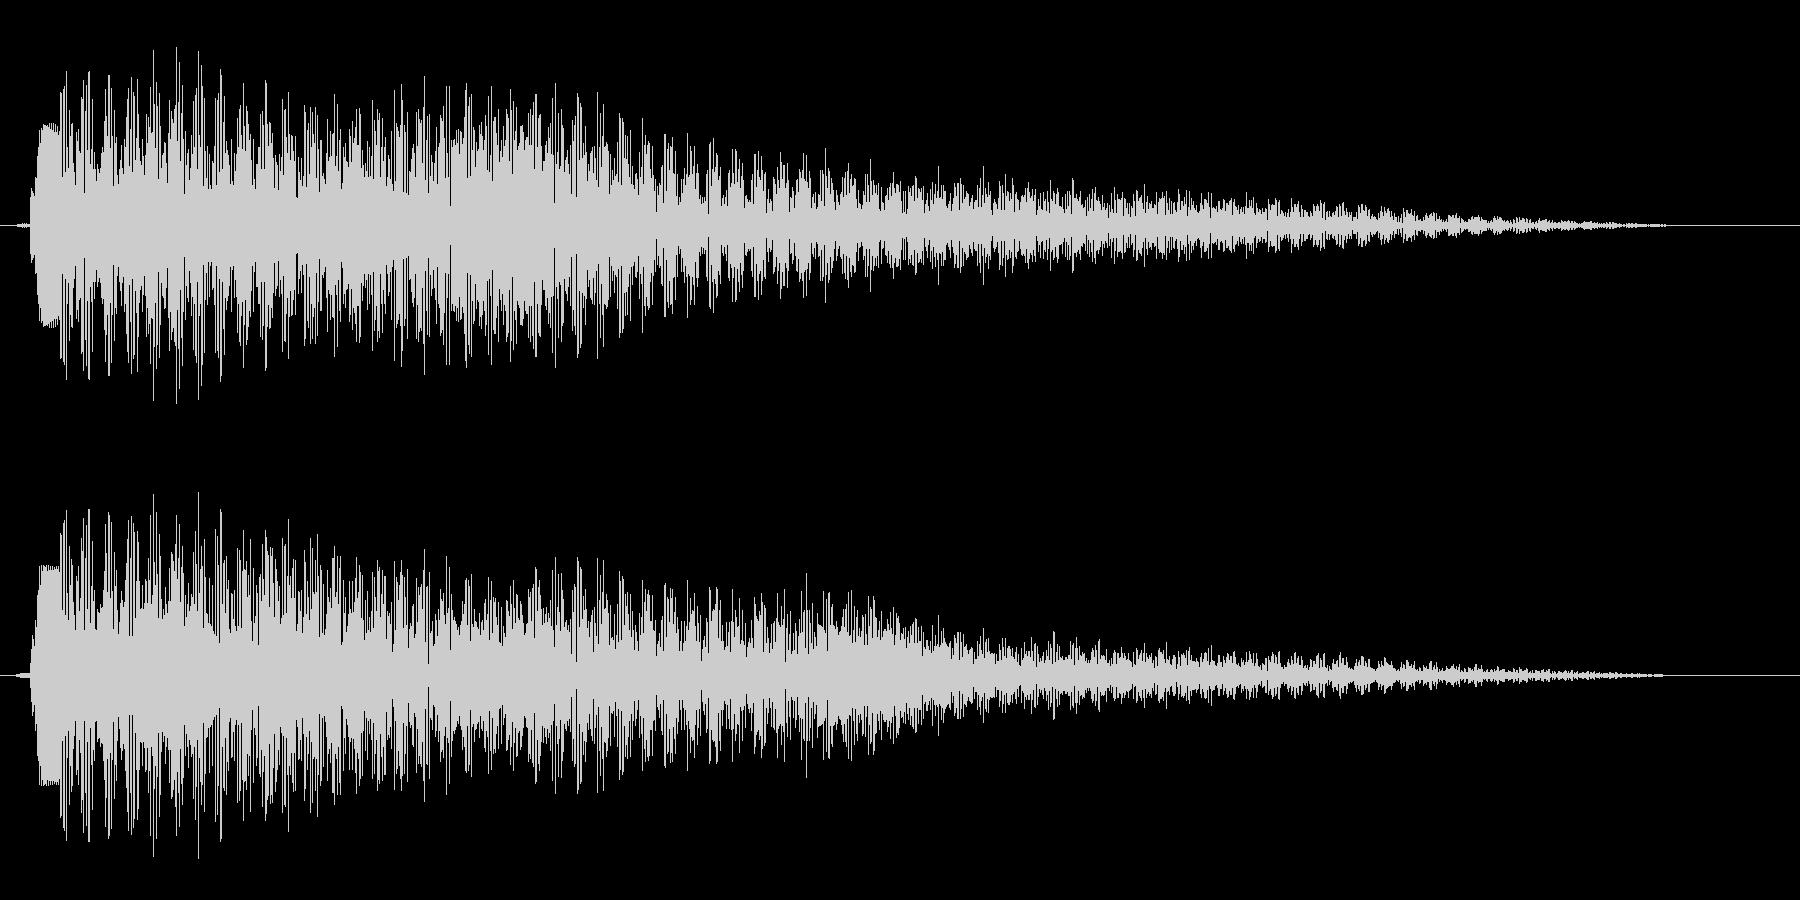 ピポーン(軽やかに響くお知らせ音)の未再生の波形